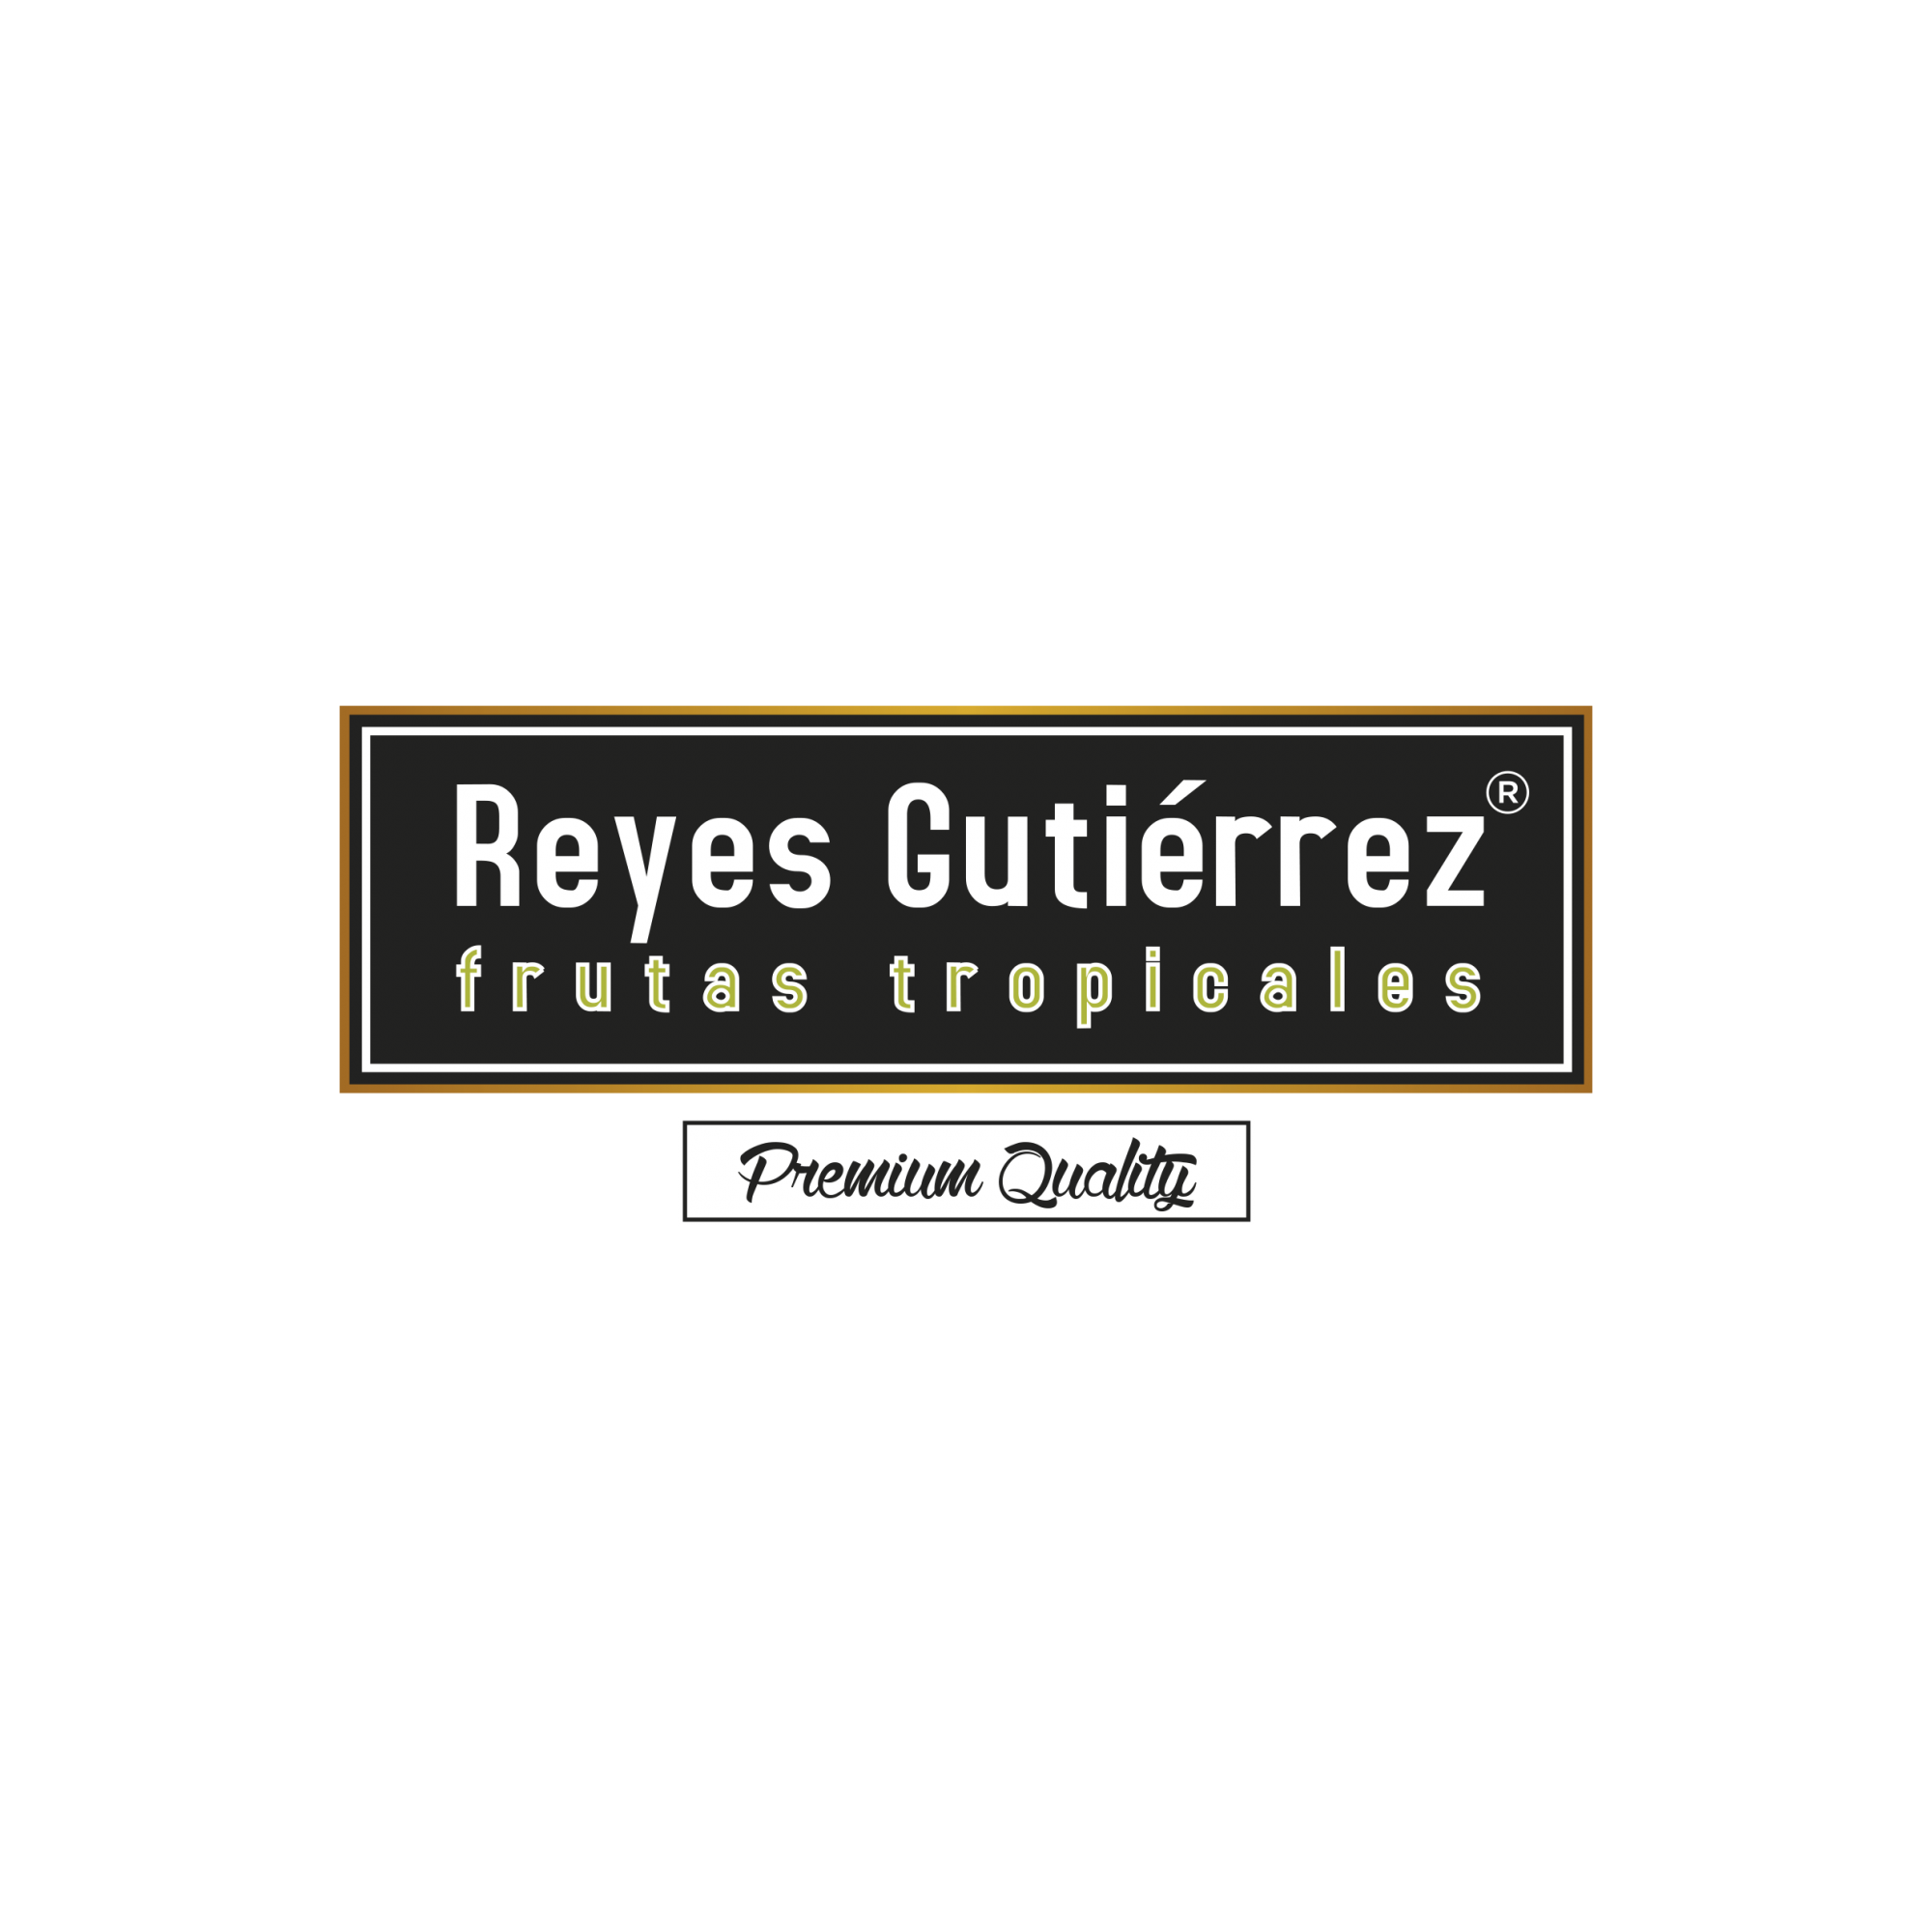 reyes gutierrez logo